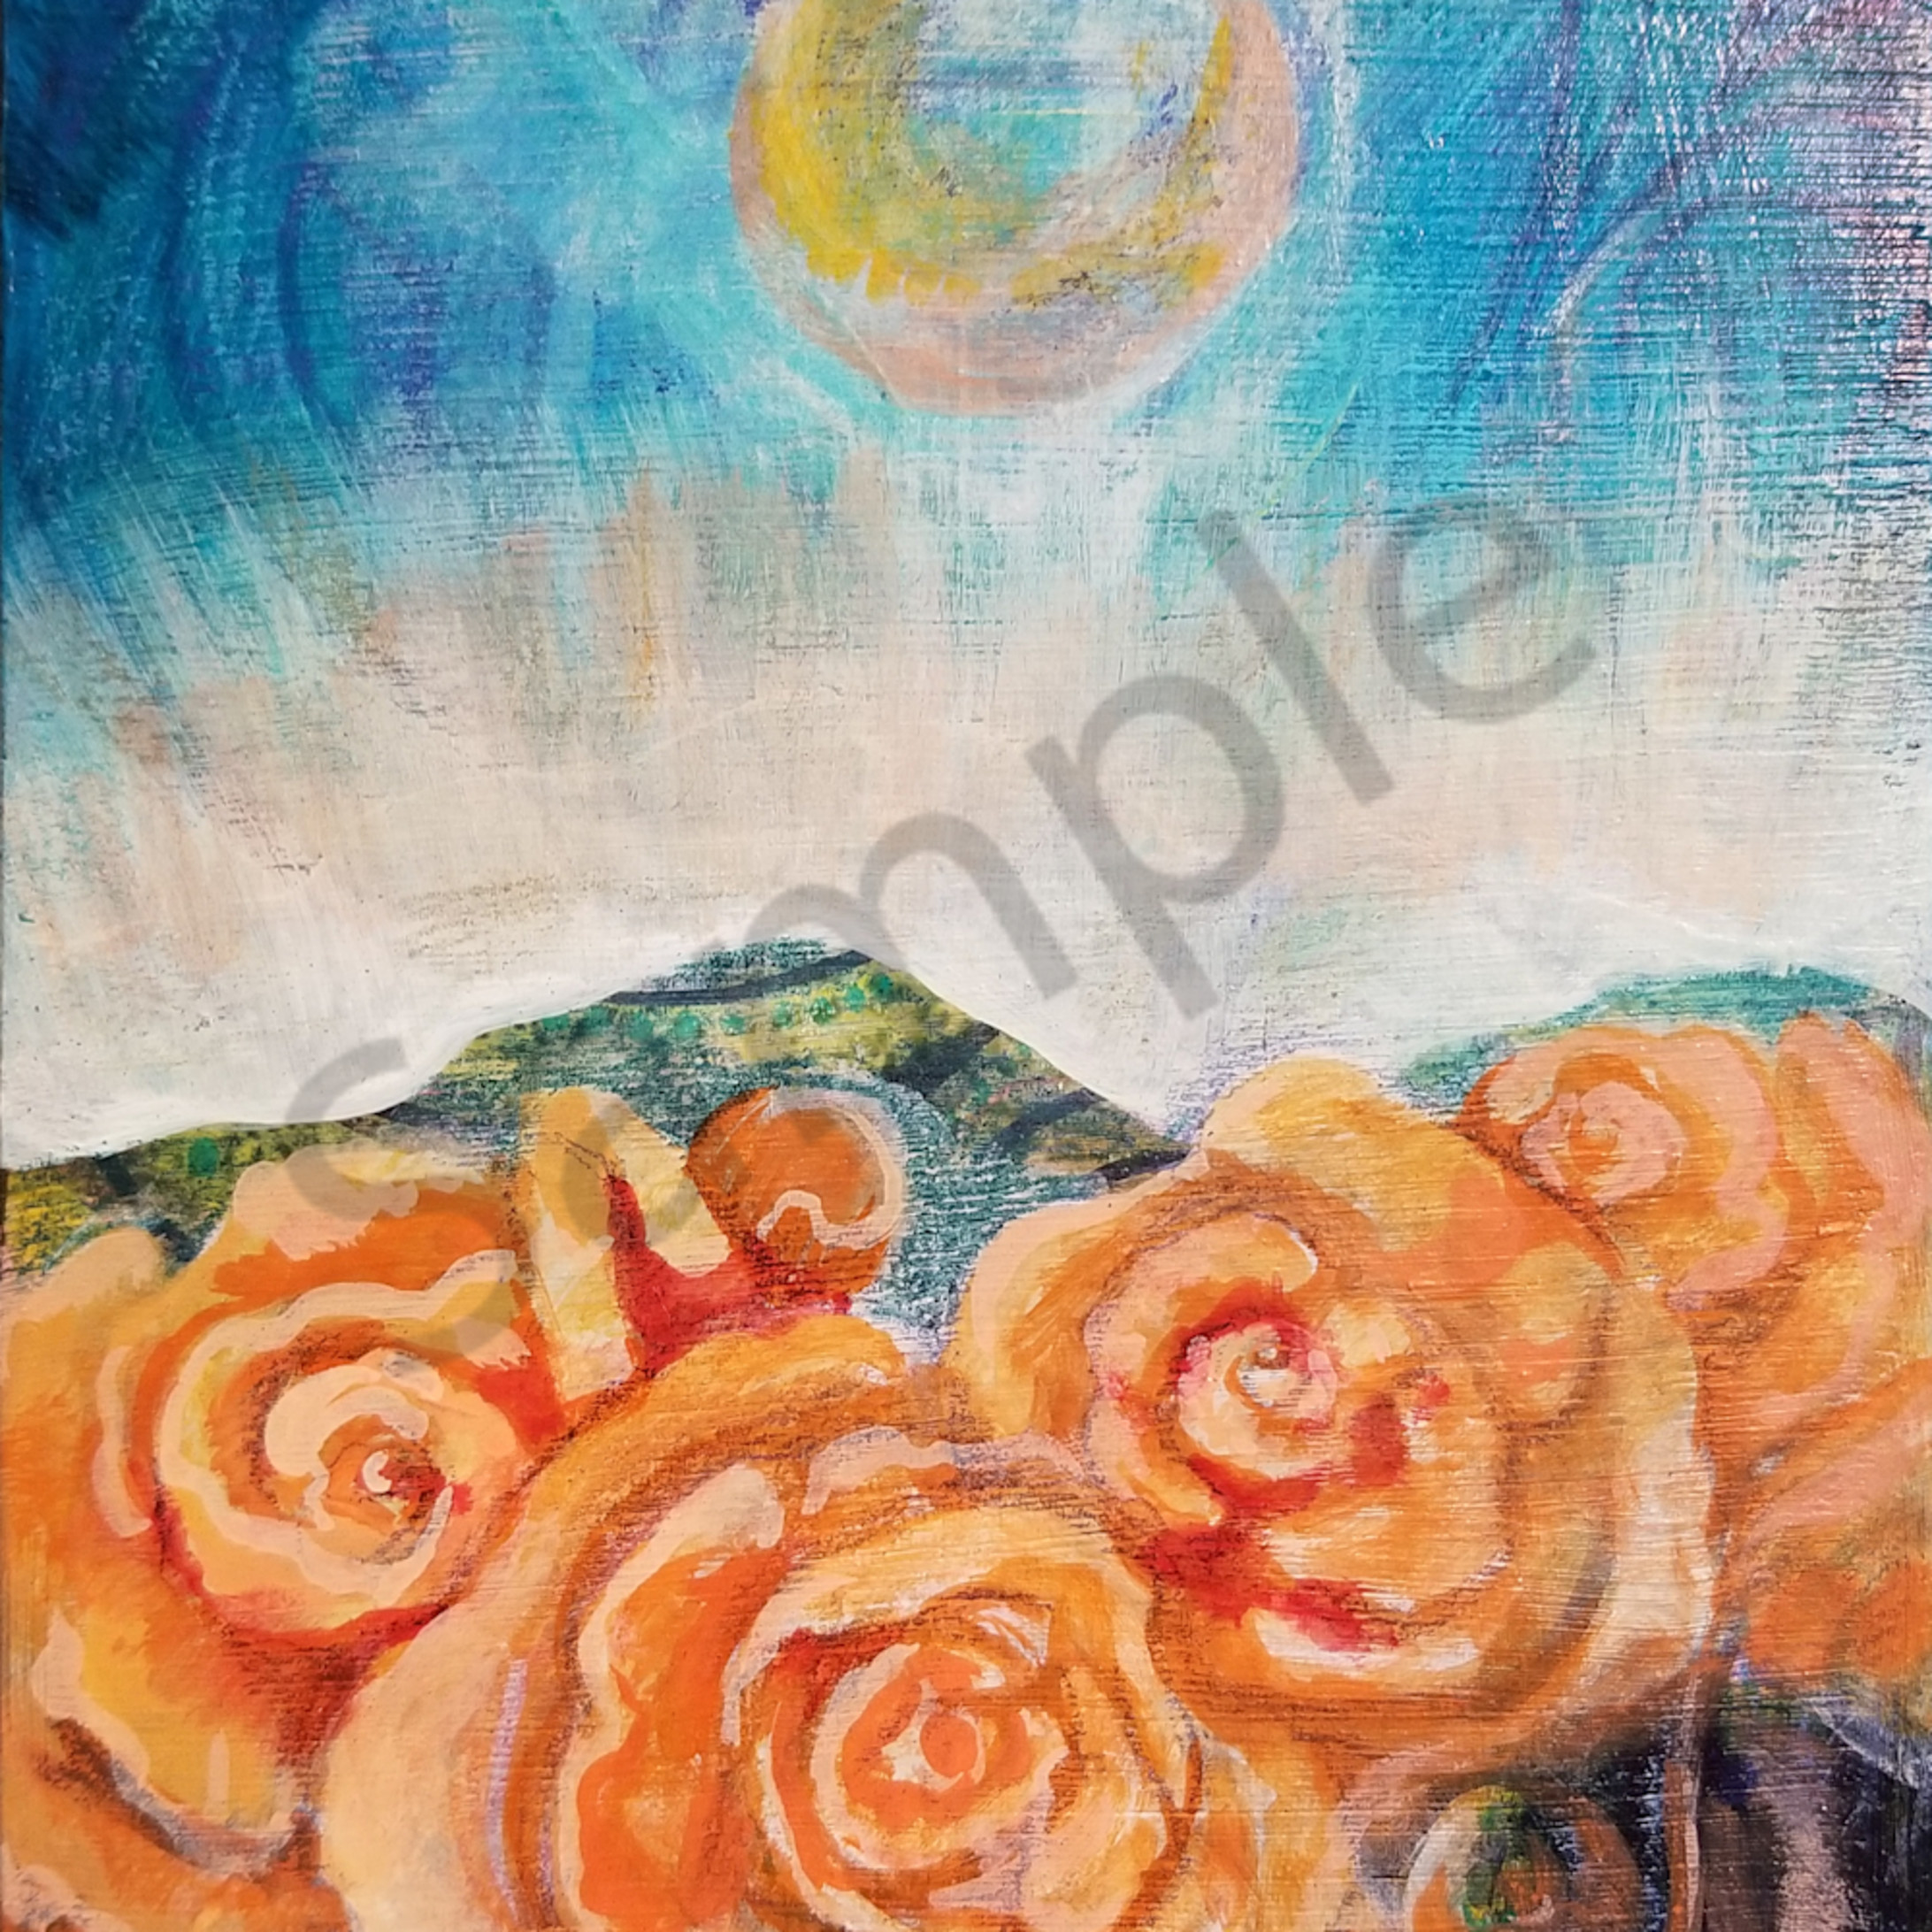 Roses of peace xj8e6k